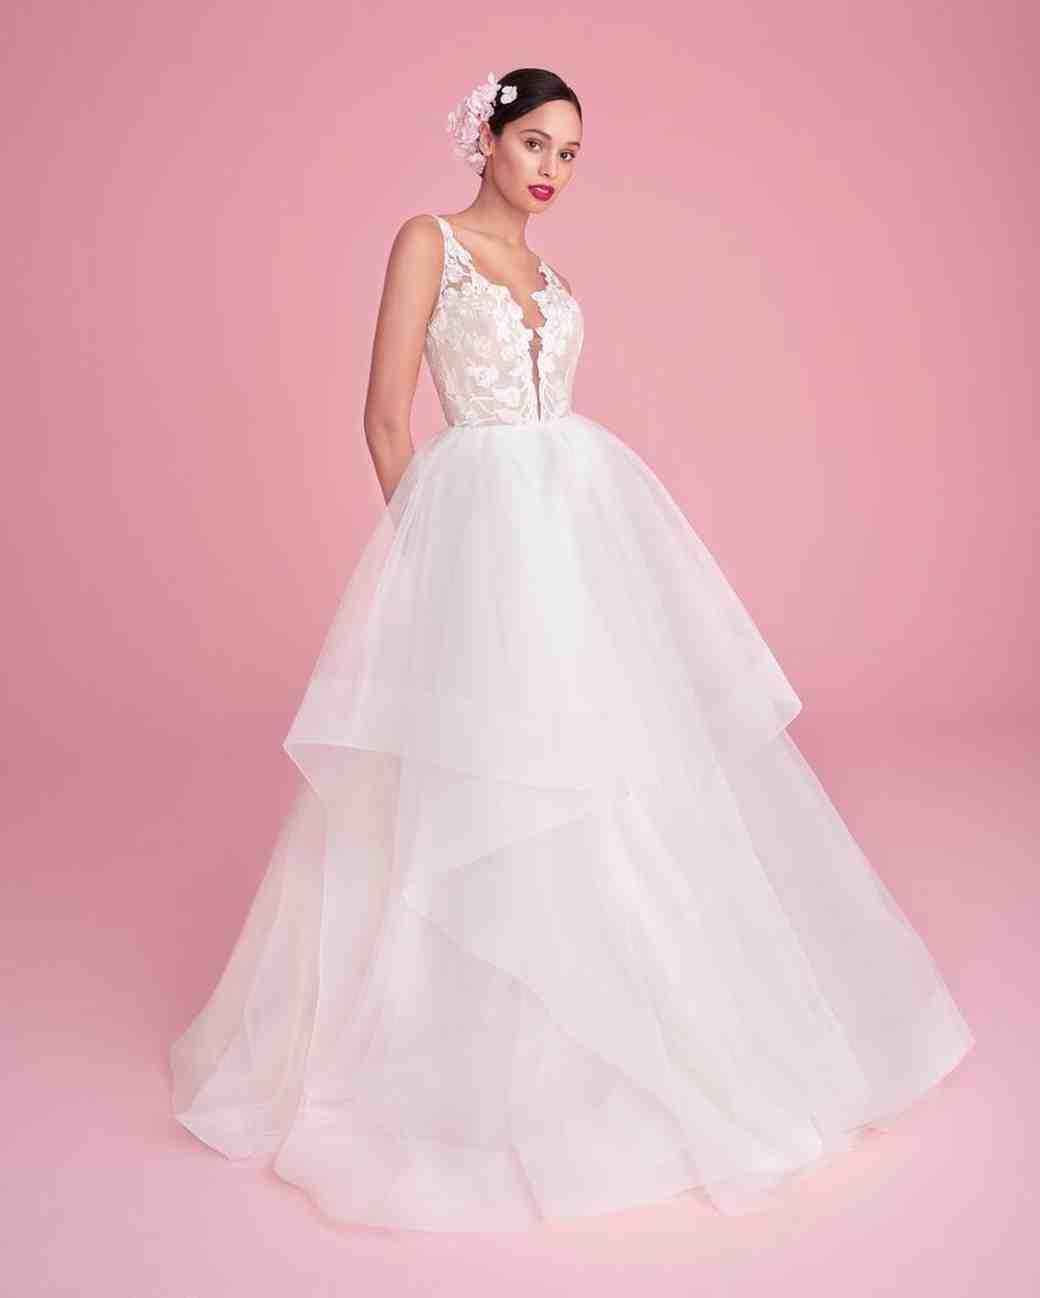 Hermosa Kleinfeld Trajes De Novia Modelo - Colección de Vestidos de ...